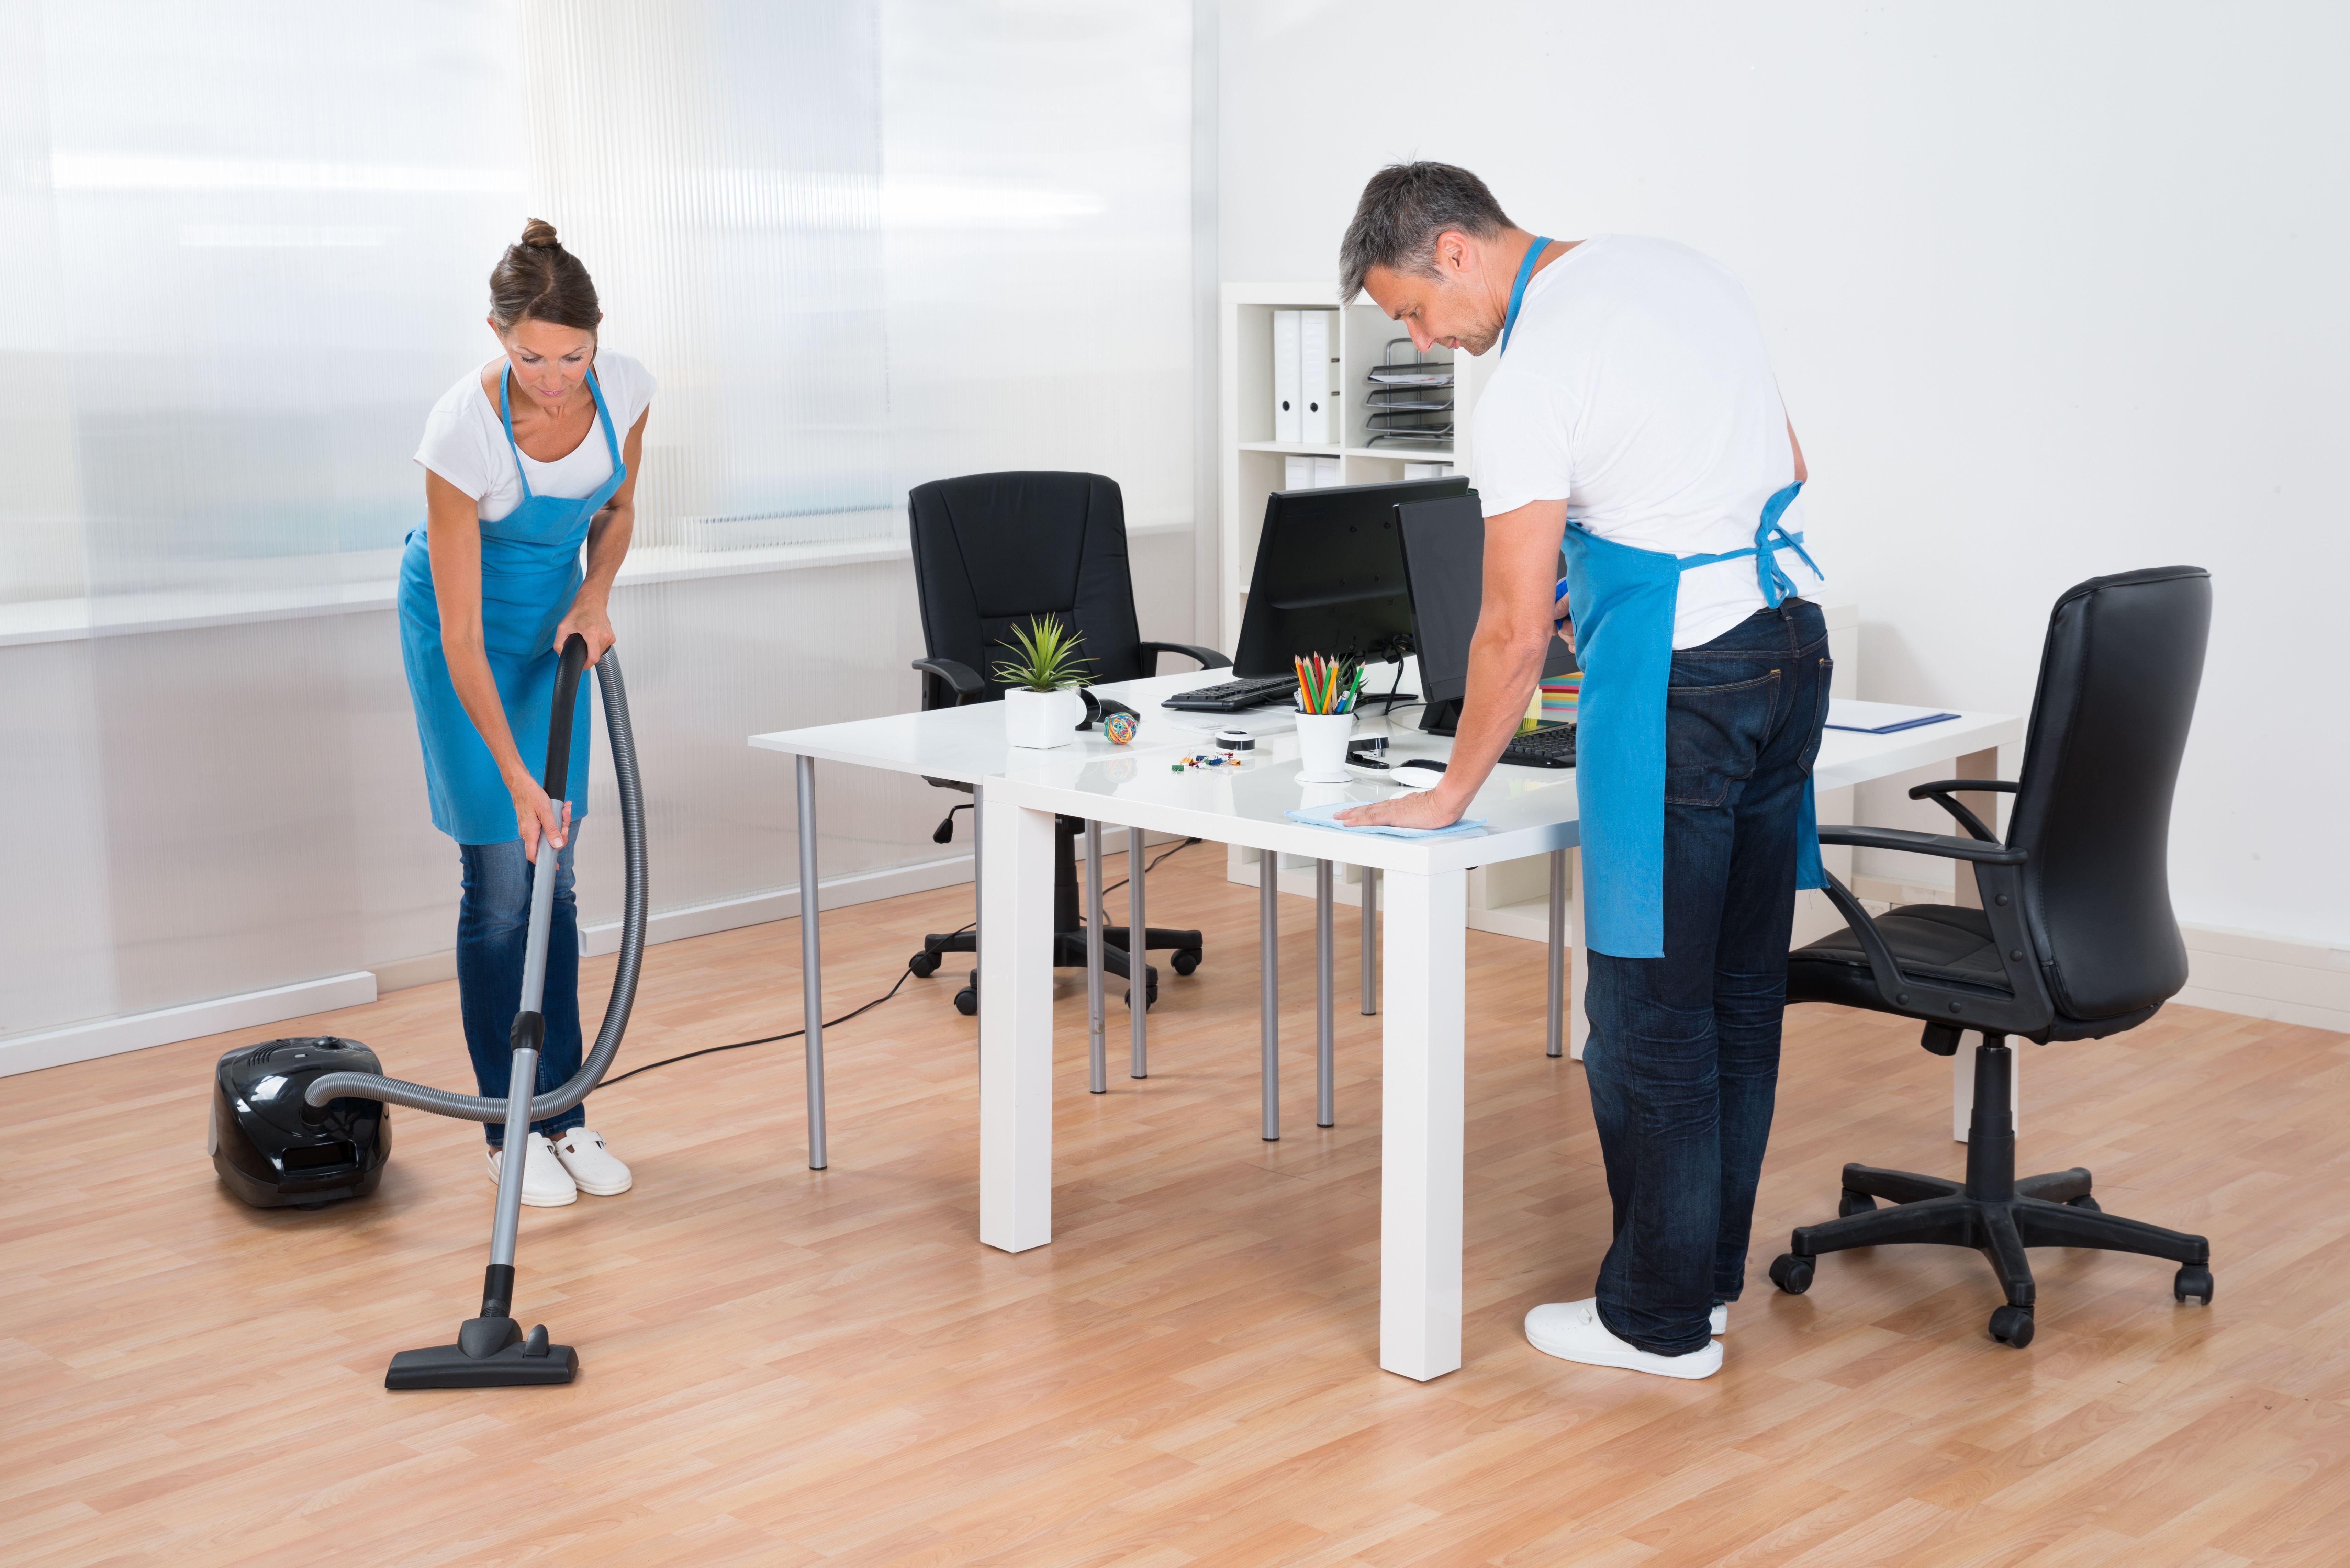 Limpieza de oficinas: Servicios de Limpiezas Itxasgarbi